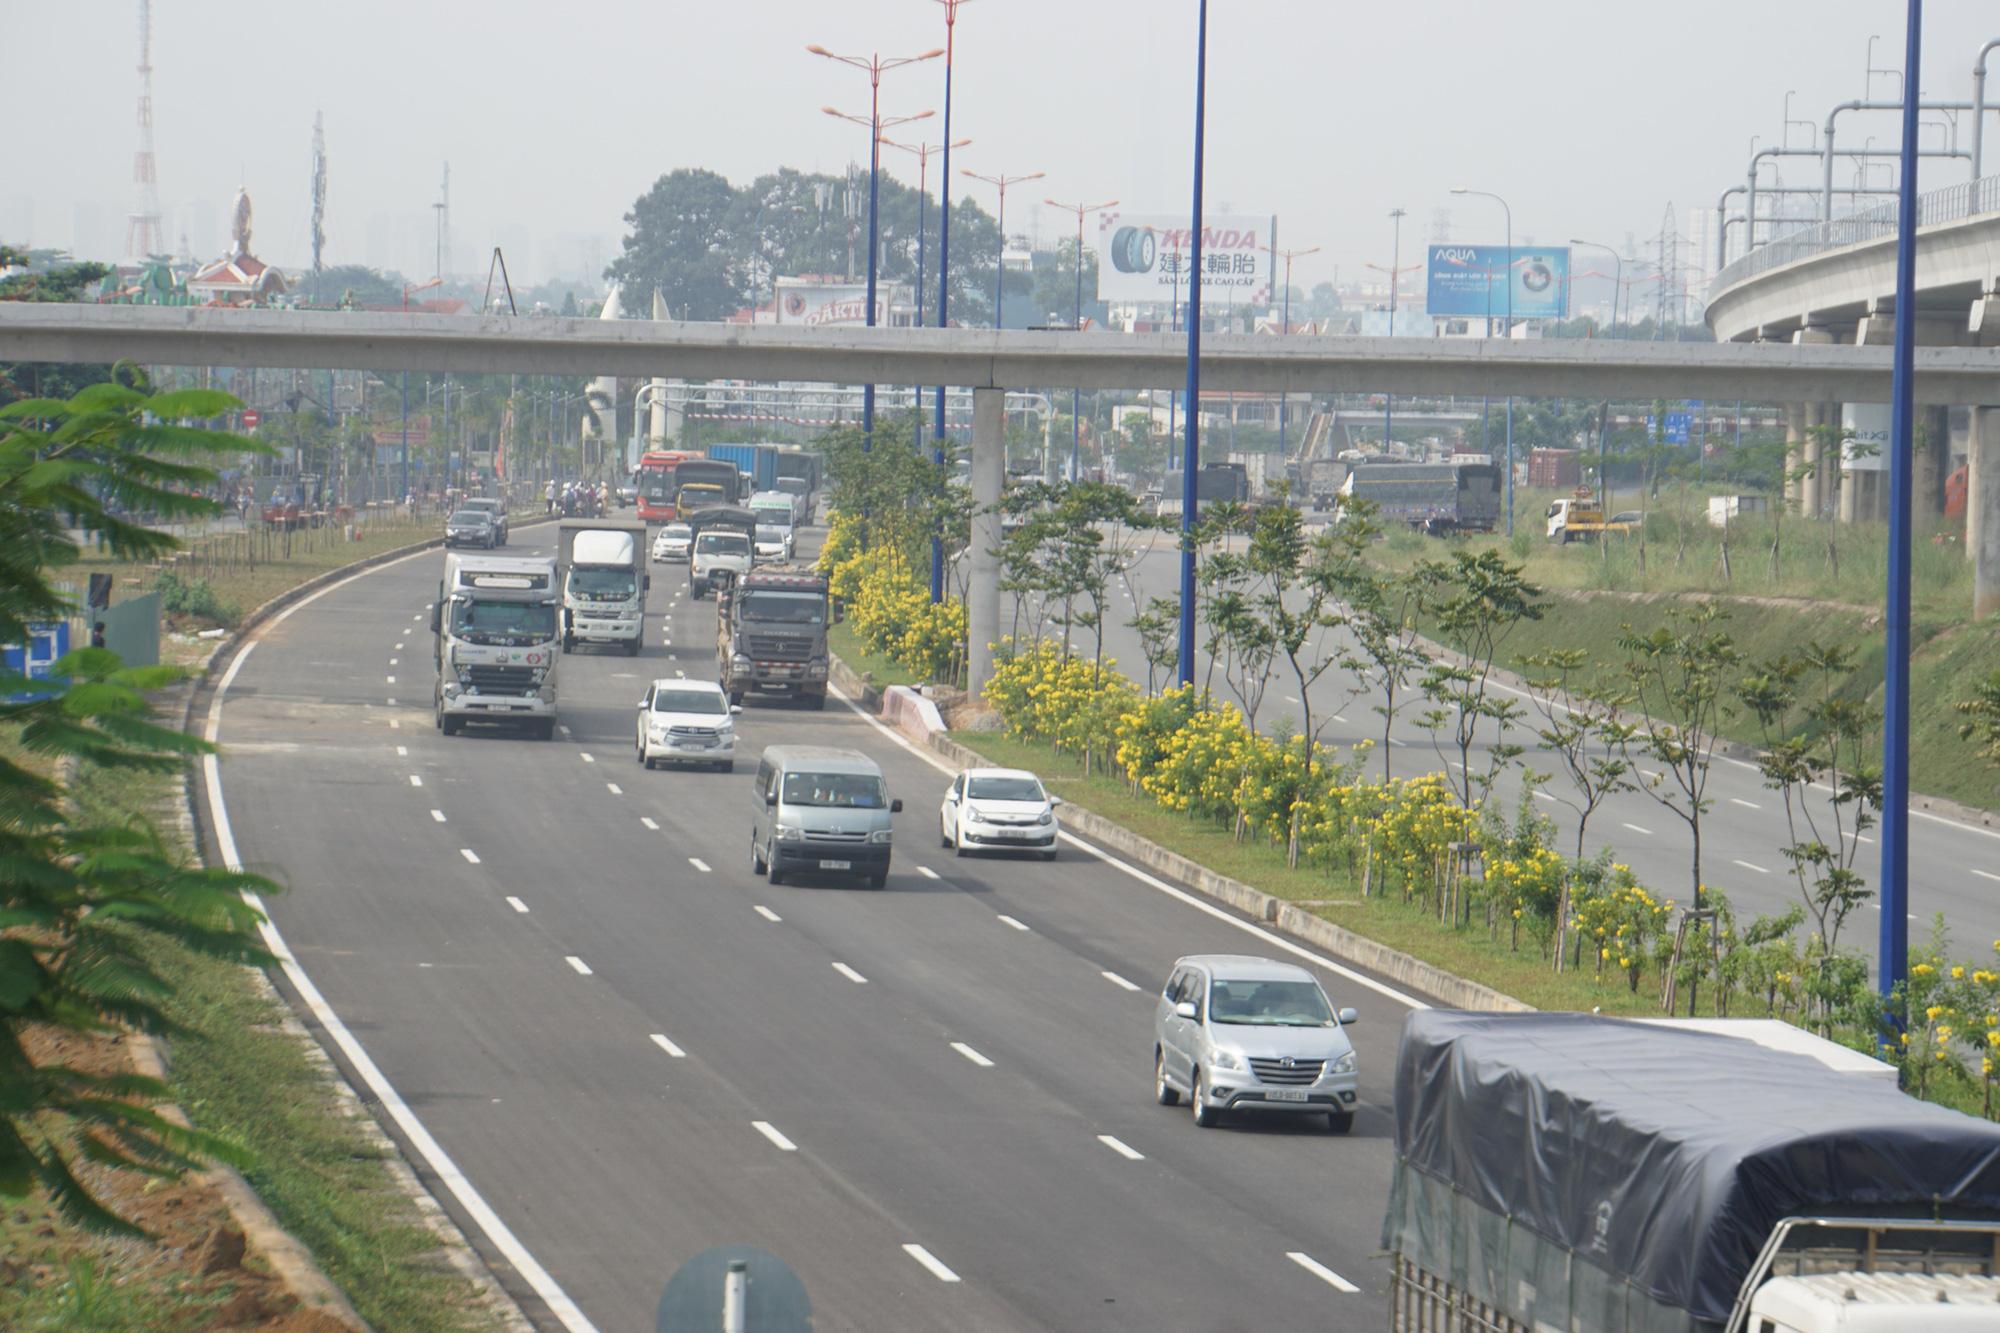 Xa lộ Hà Nội: Rút ngắn thời gian vận chuyển, tăng sức cạnh tranh cho doanh nghiệp - Ảnh 1.